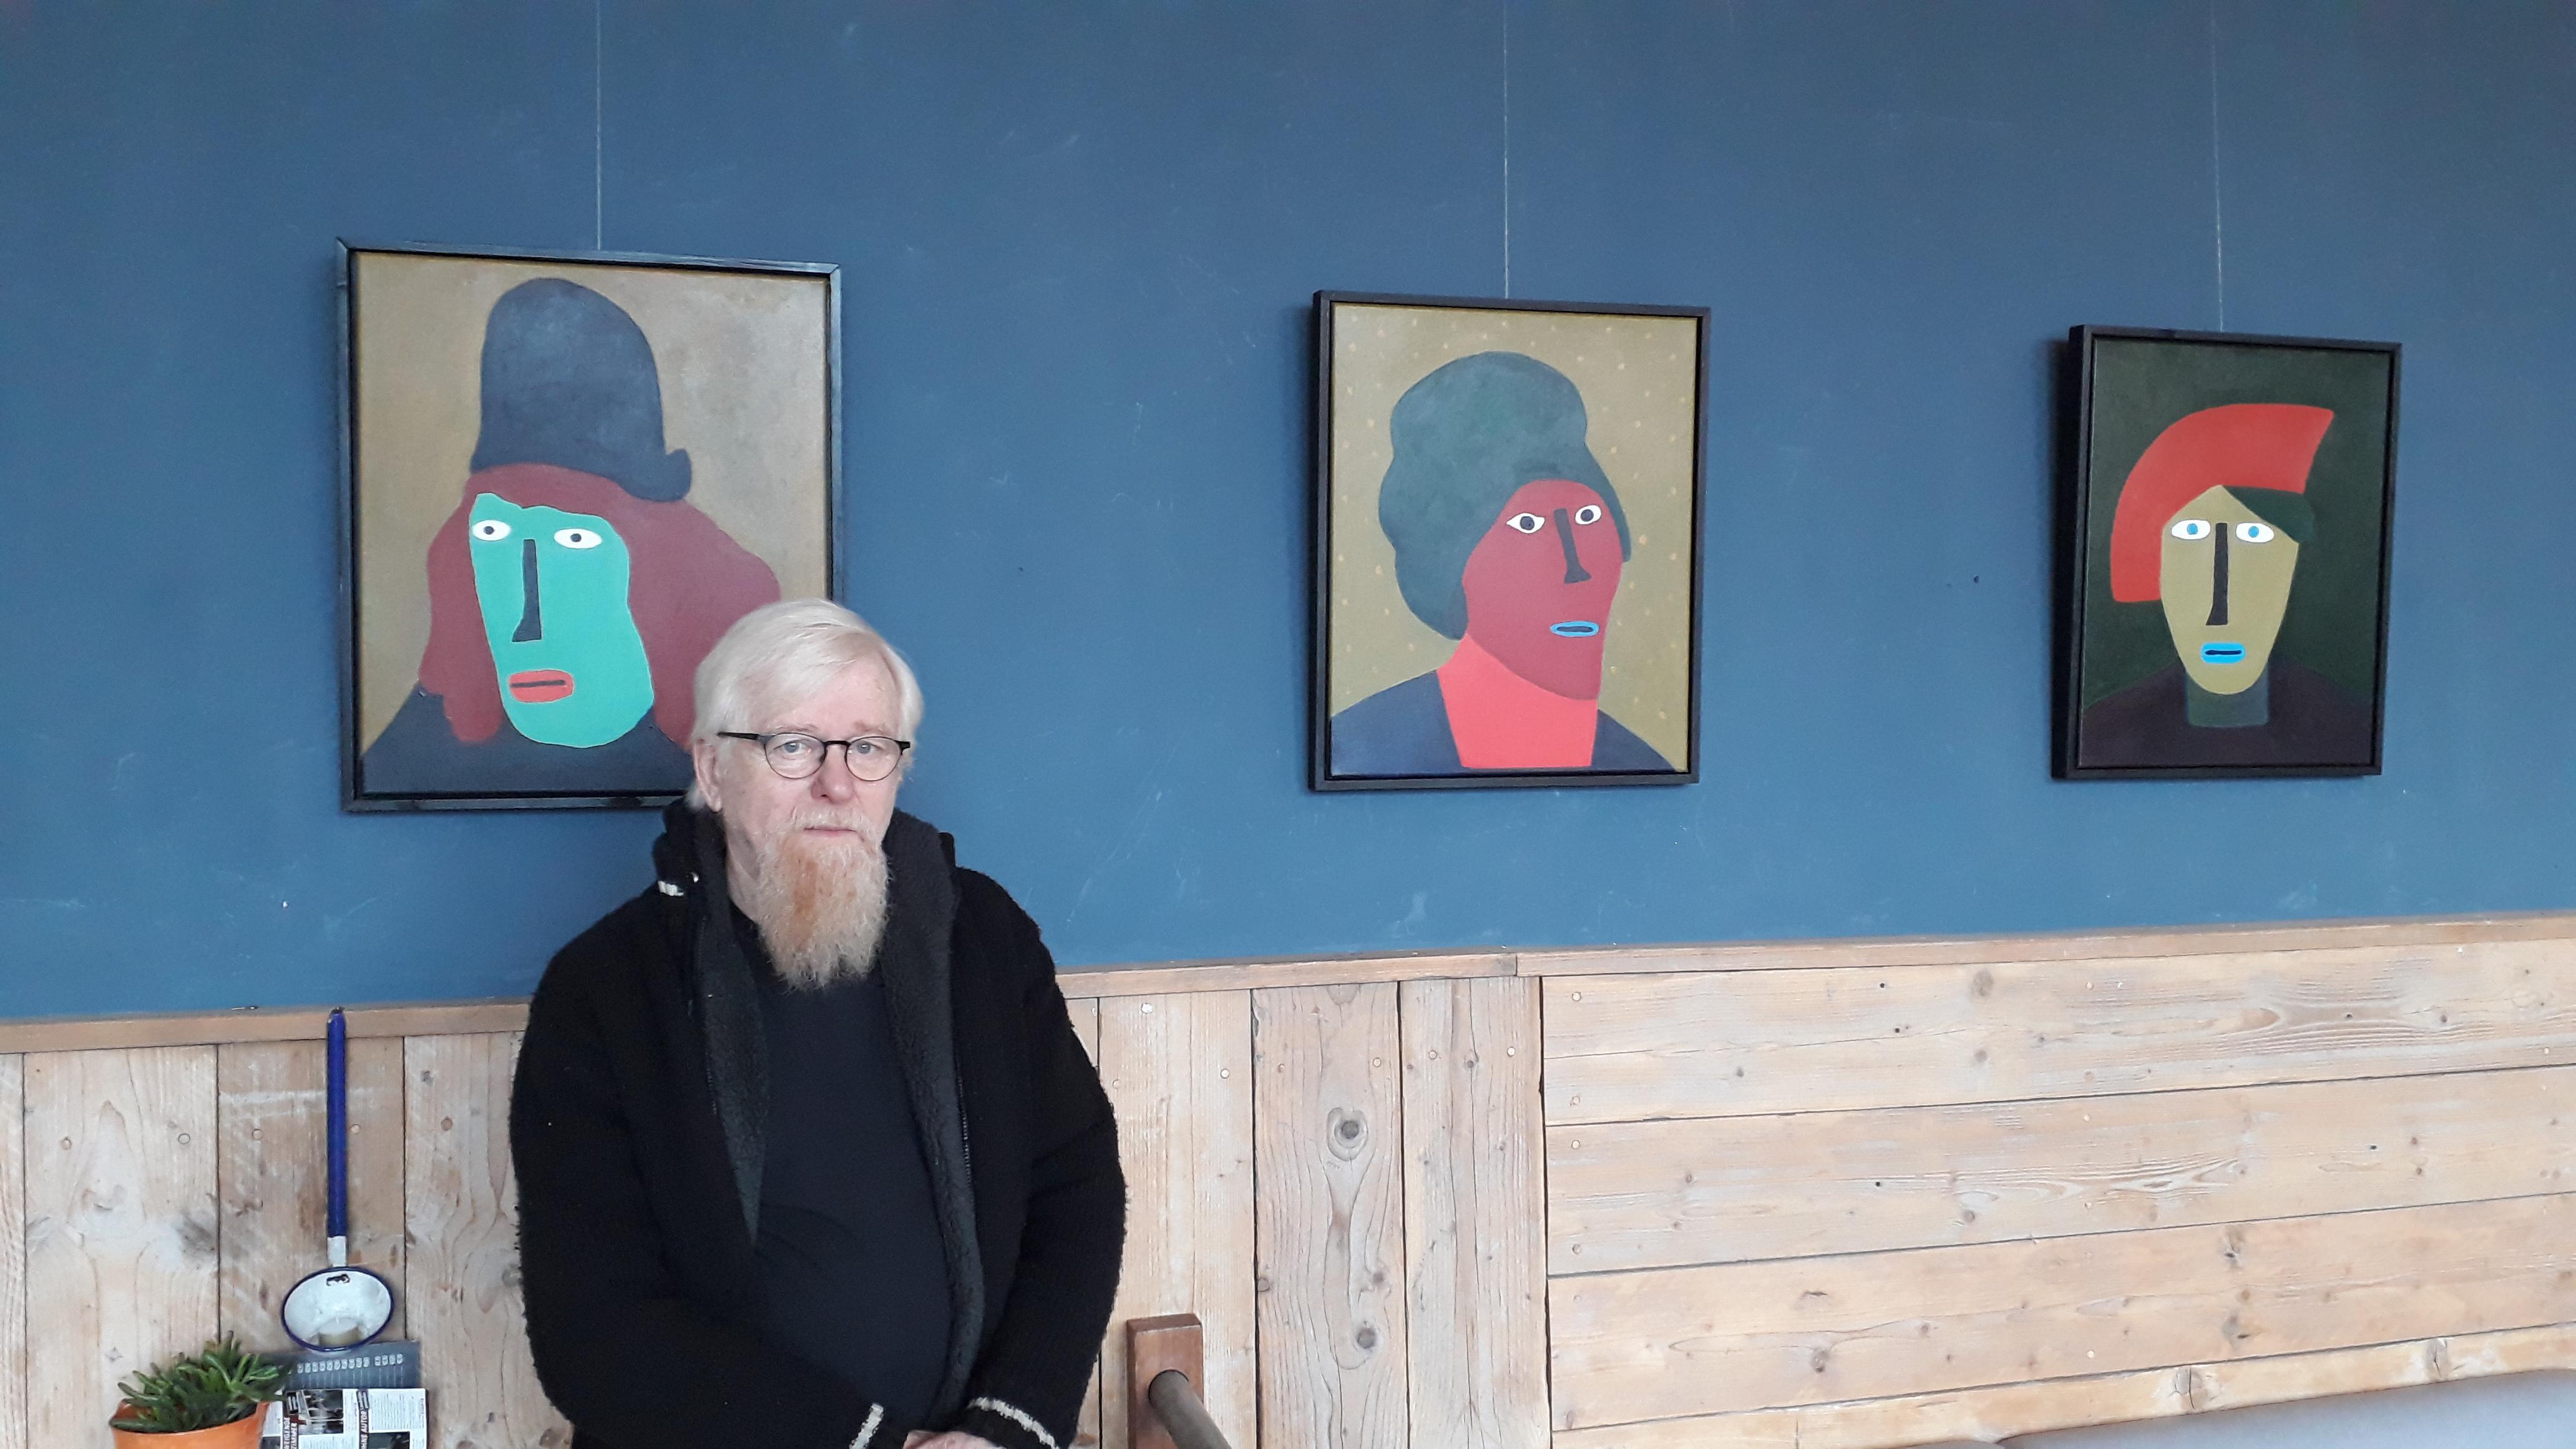 Zaanse kunstenaar Henk van der Pluijm 'ziek' van stelen schetsboek